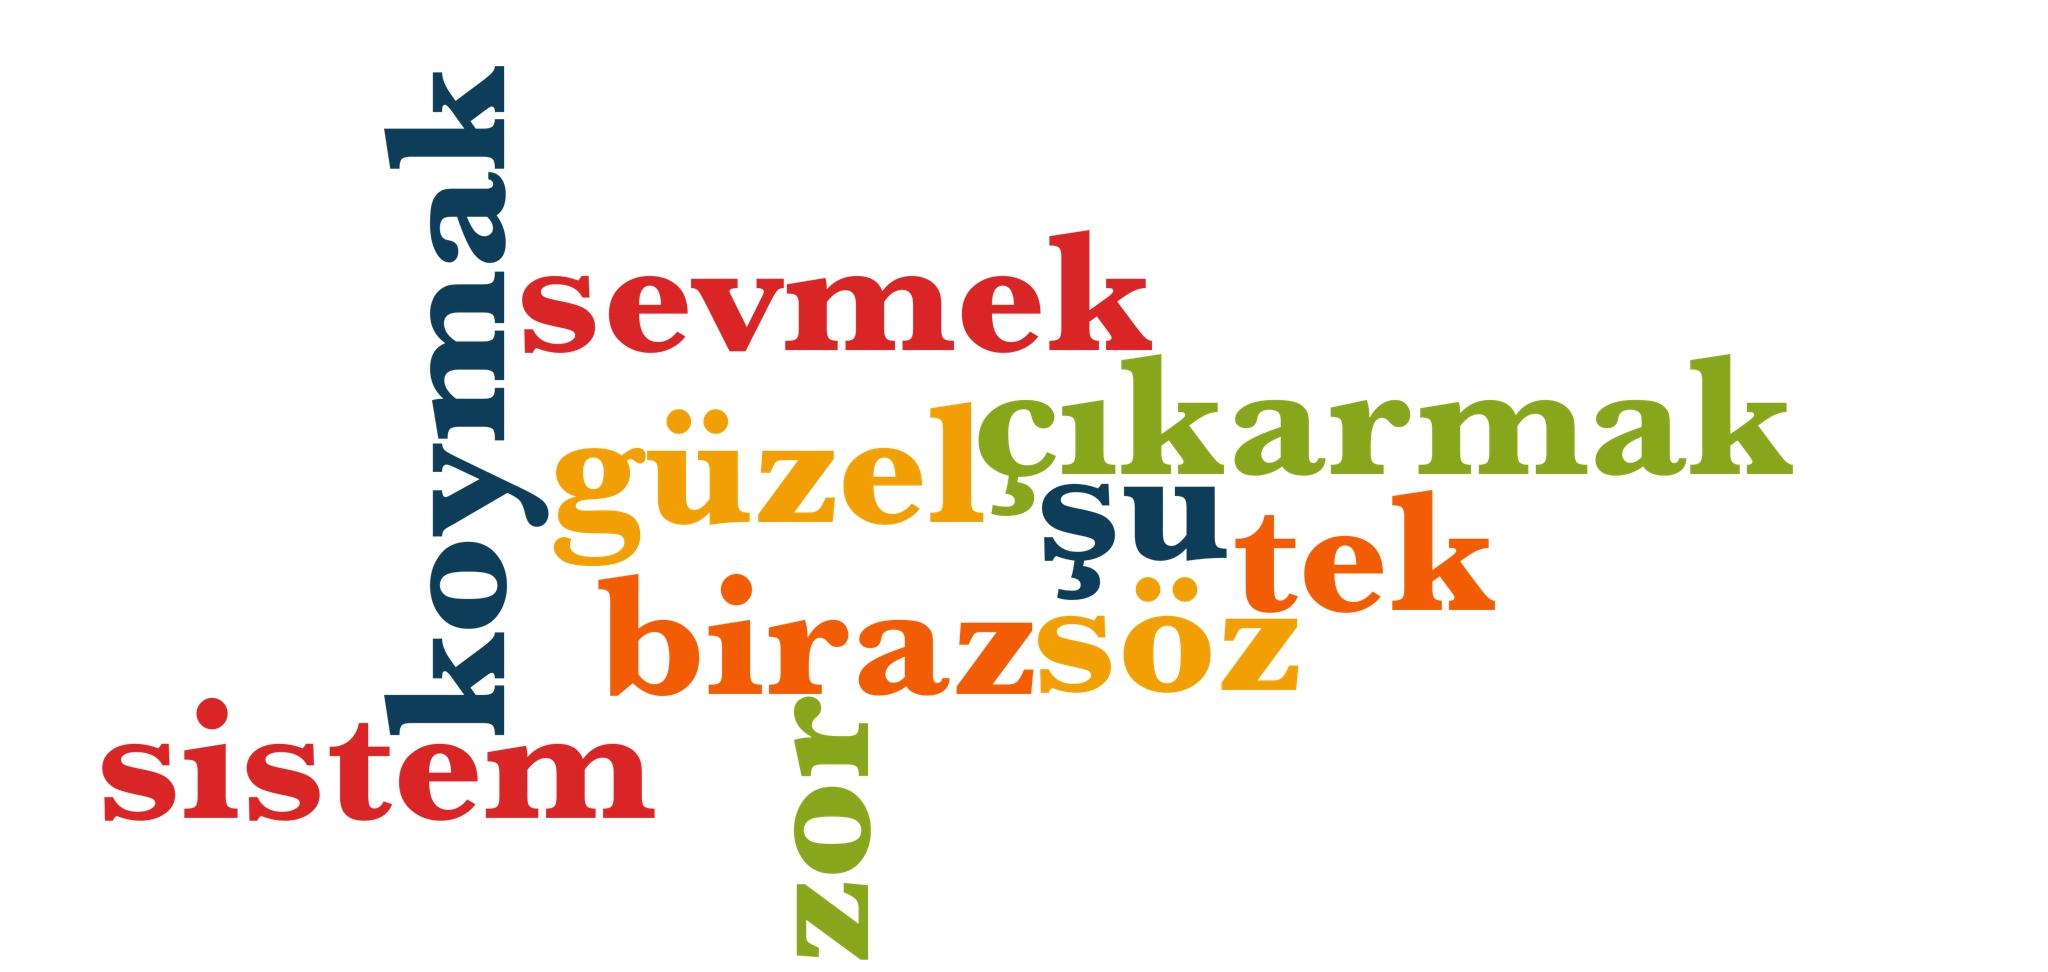 Wörter 171 bis 180 der 1000 häufigsten Wörter der türkischen Sprache